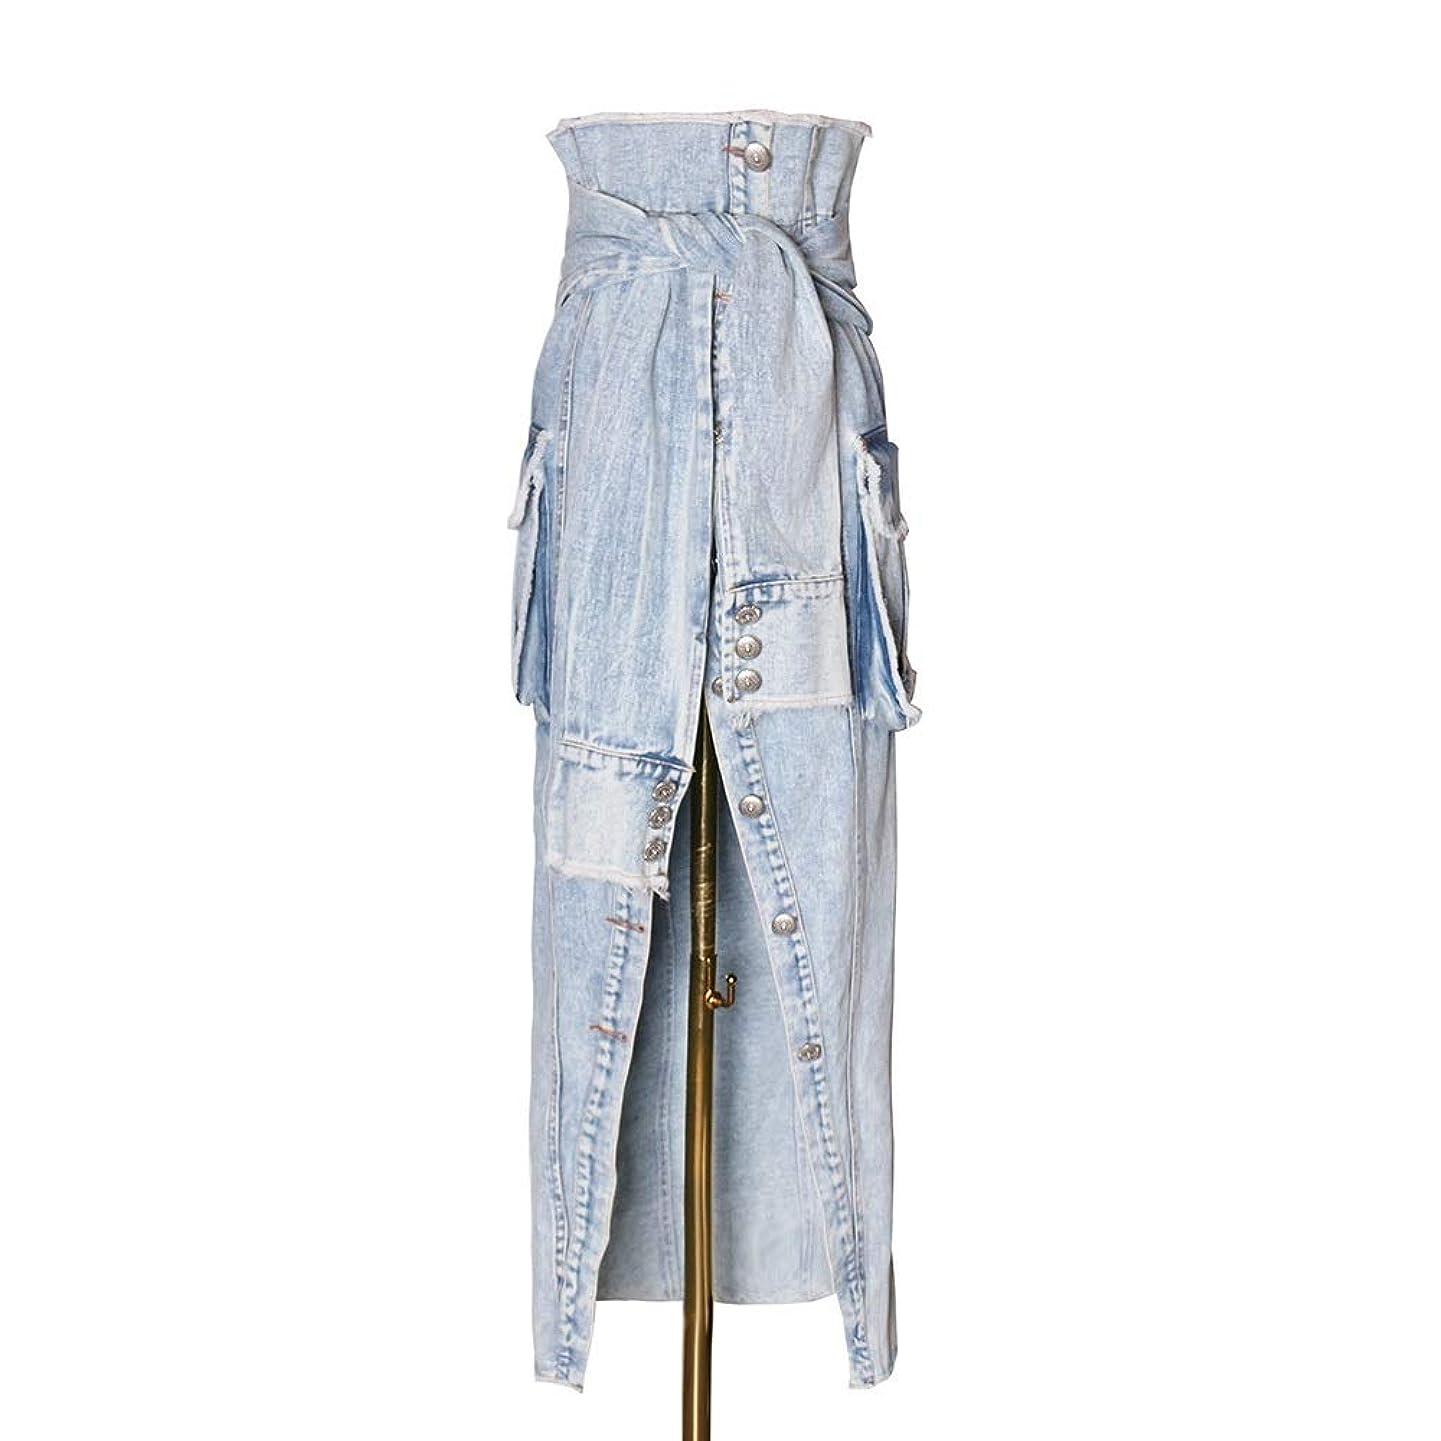 見落とすながらいまデニムスカート タイトスカート 女性のファッション不規則なホワイトエッジング大型ポケットハイウエストロングスカート 柔らか ストレッチ (Color : Blue, Size : L)